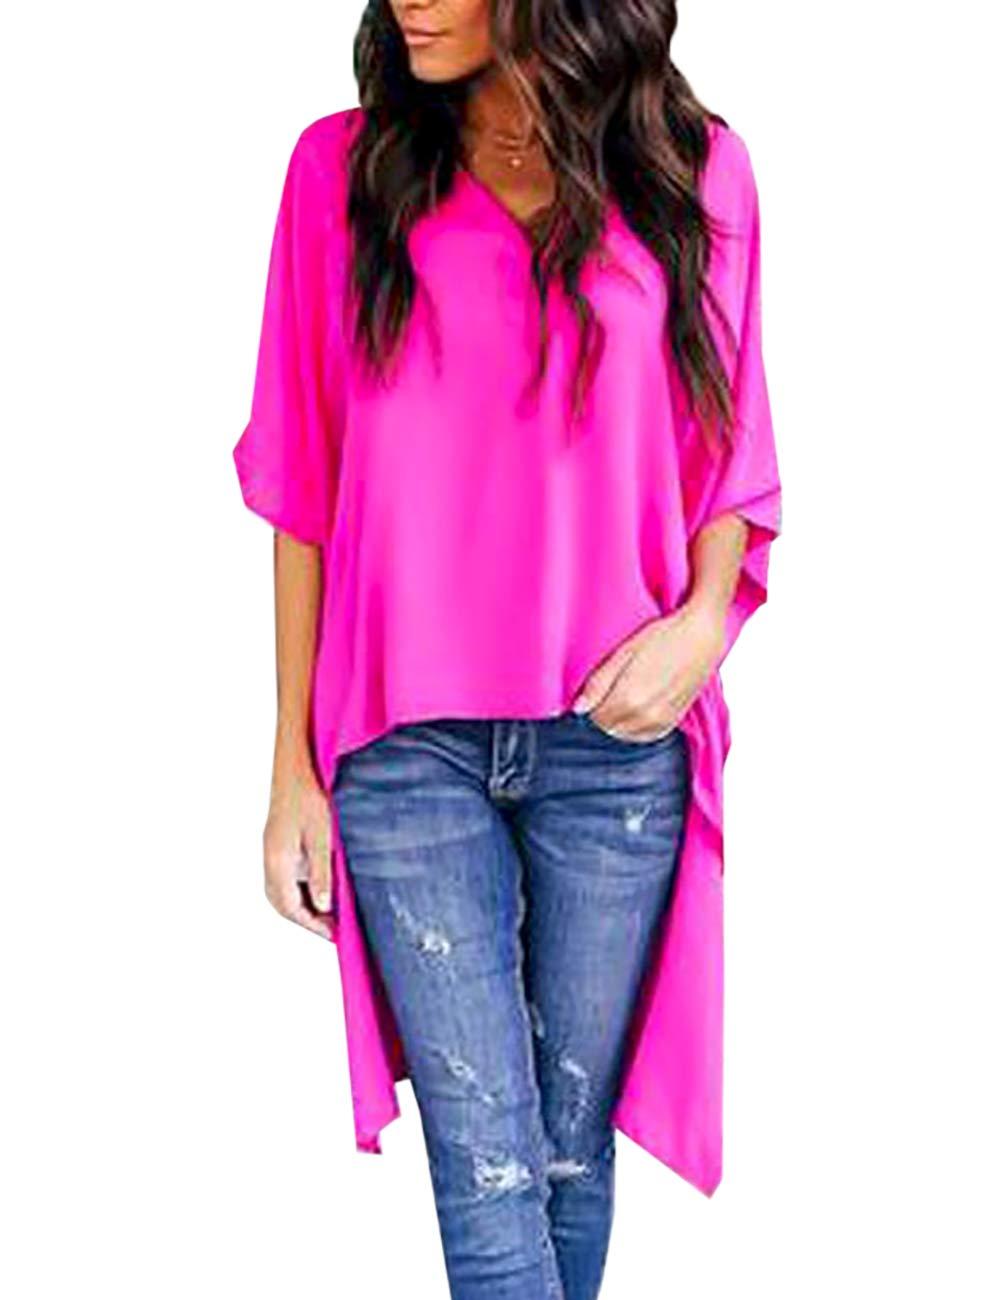 Lrady Women's V-Neck Blouse Chiffon T-Shirt High Low Tunic Tops Casual Shirt Dress